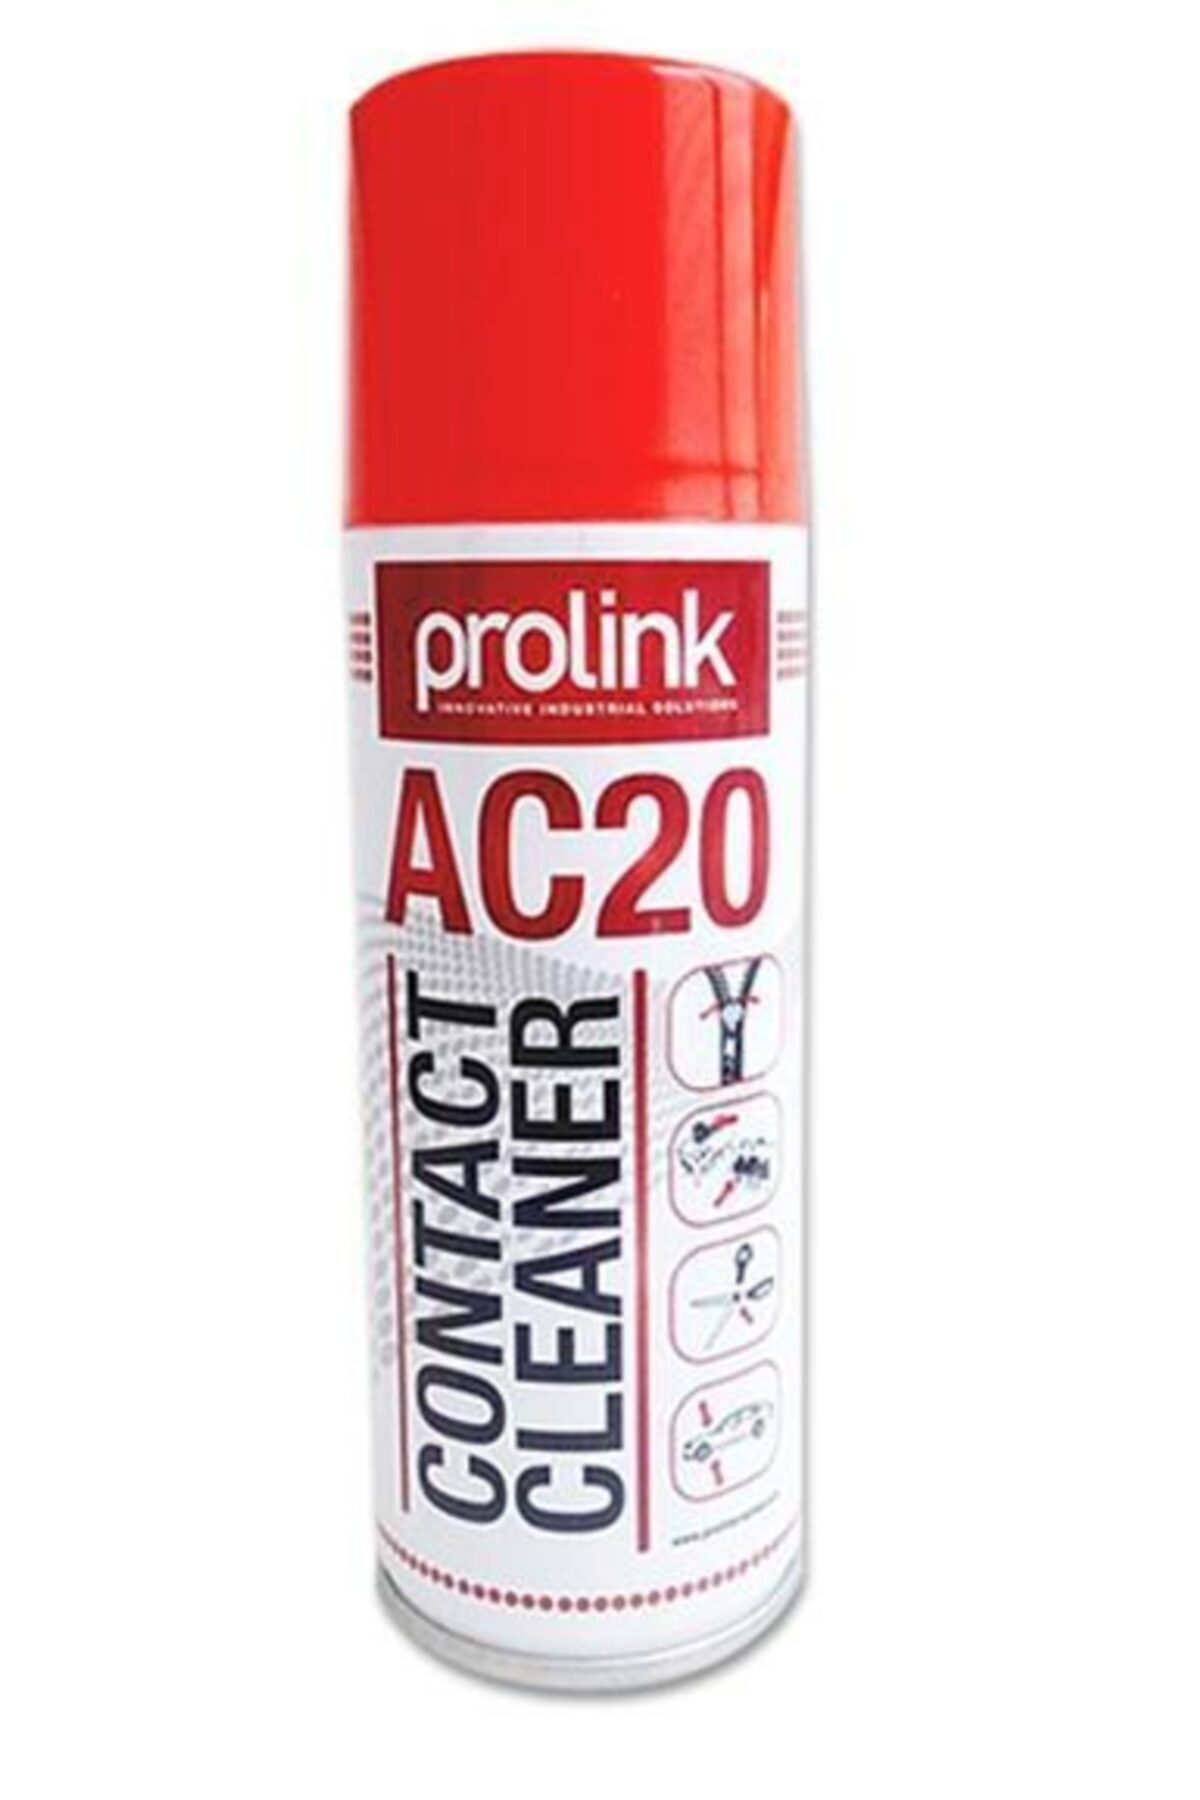 Prolink Ac-20 Yağlı Kontak Sprey 200ml 1